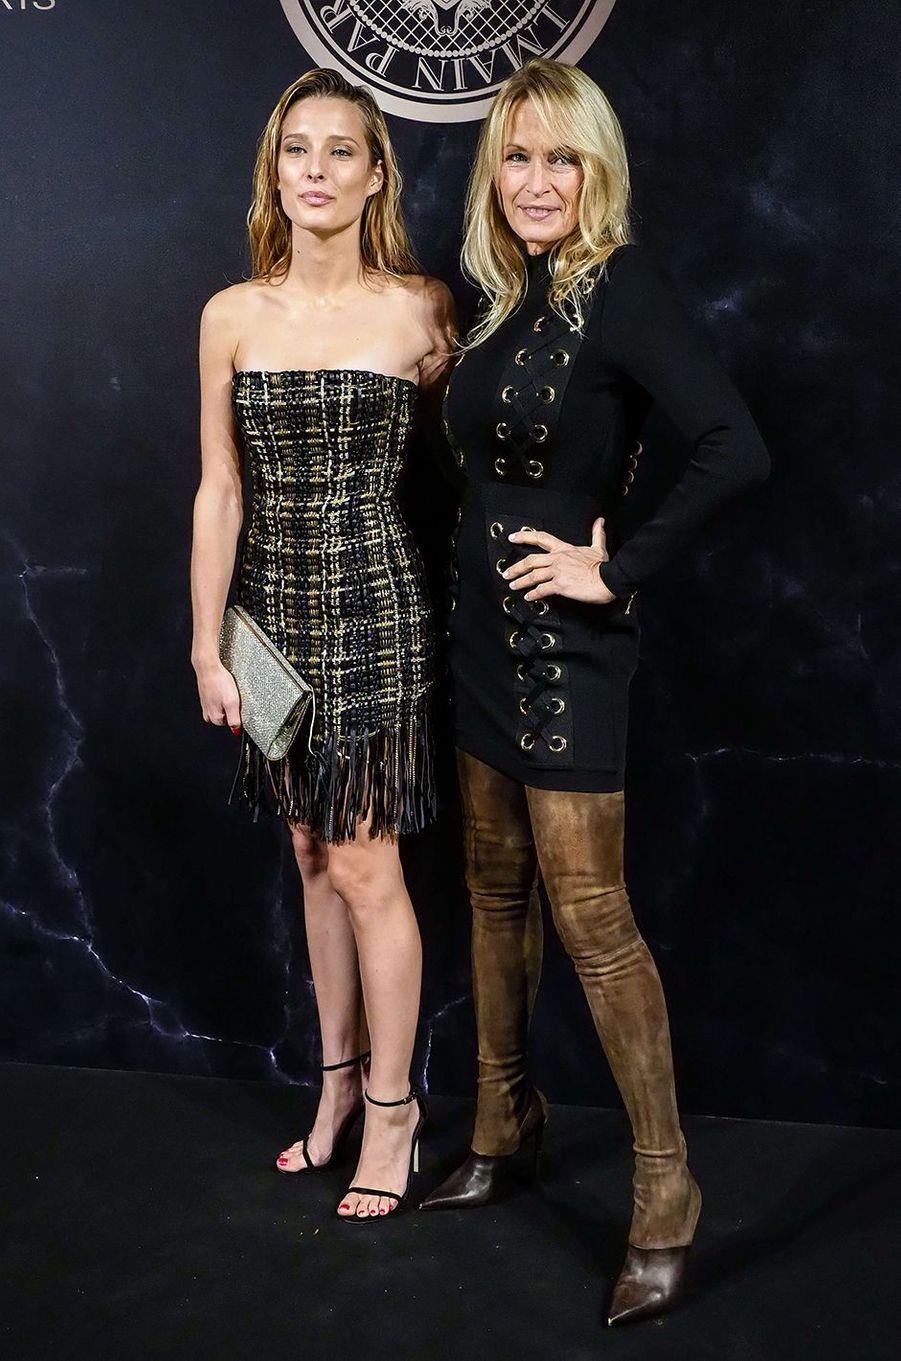 Estelle Lefébure et Ilona Smet complices à la soirée L'Oréal X Balmain, le 28 septembre 2017 à Paris.